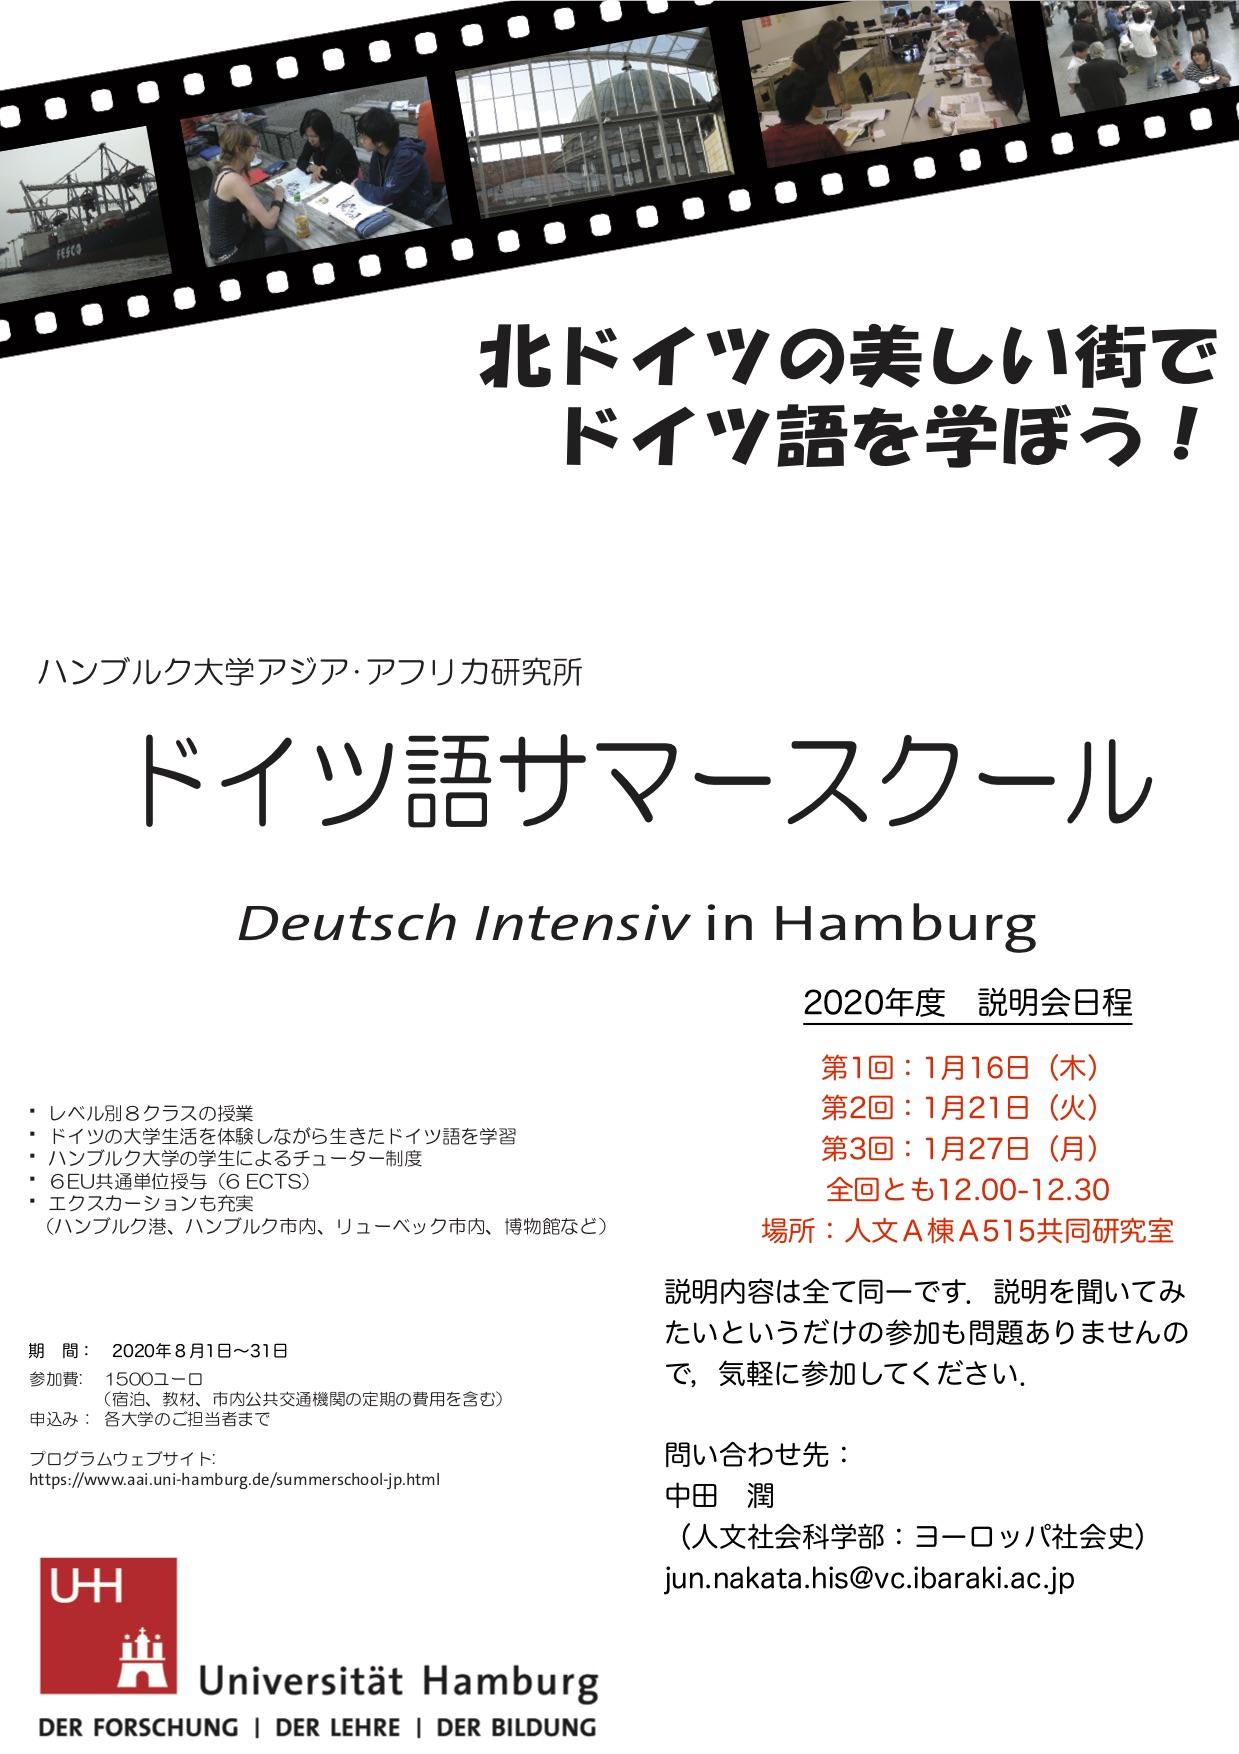 ハンブルク大学ドイツ語サマースクール<br />2020年度 説明会